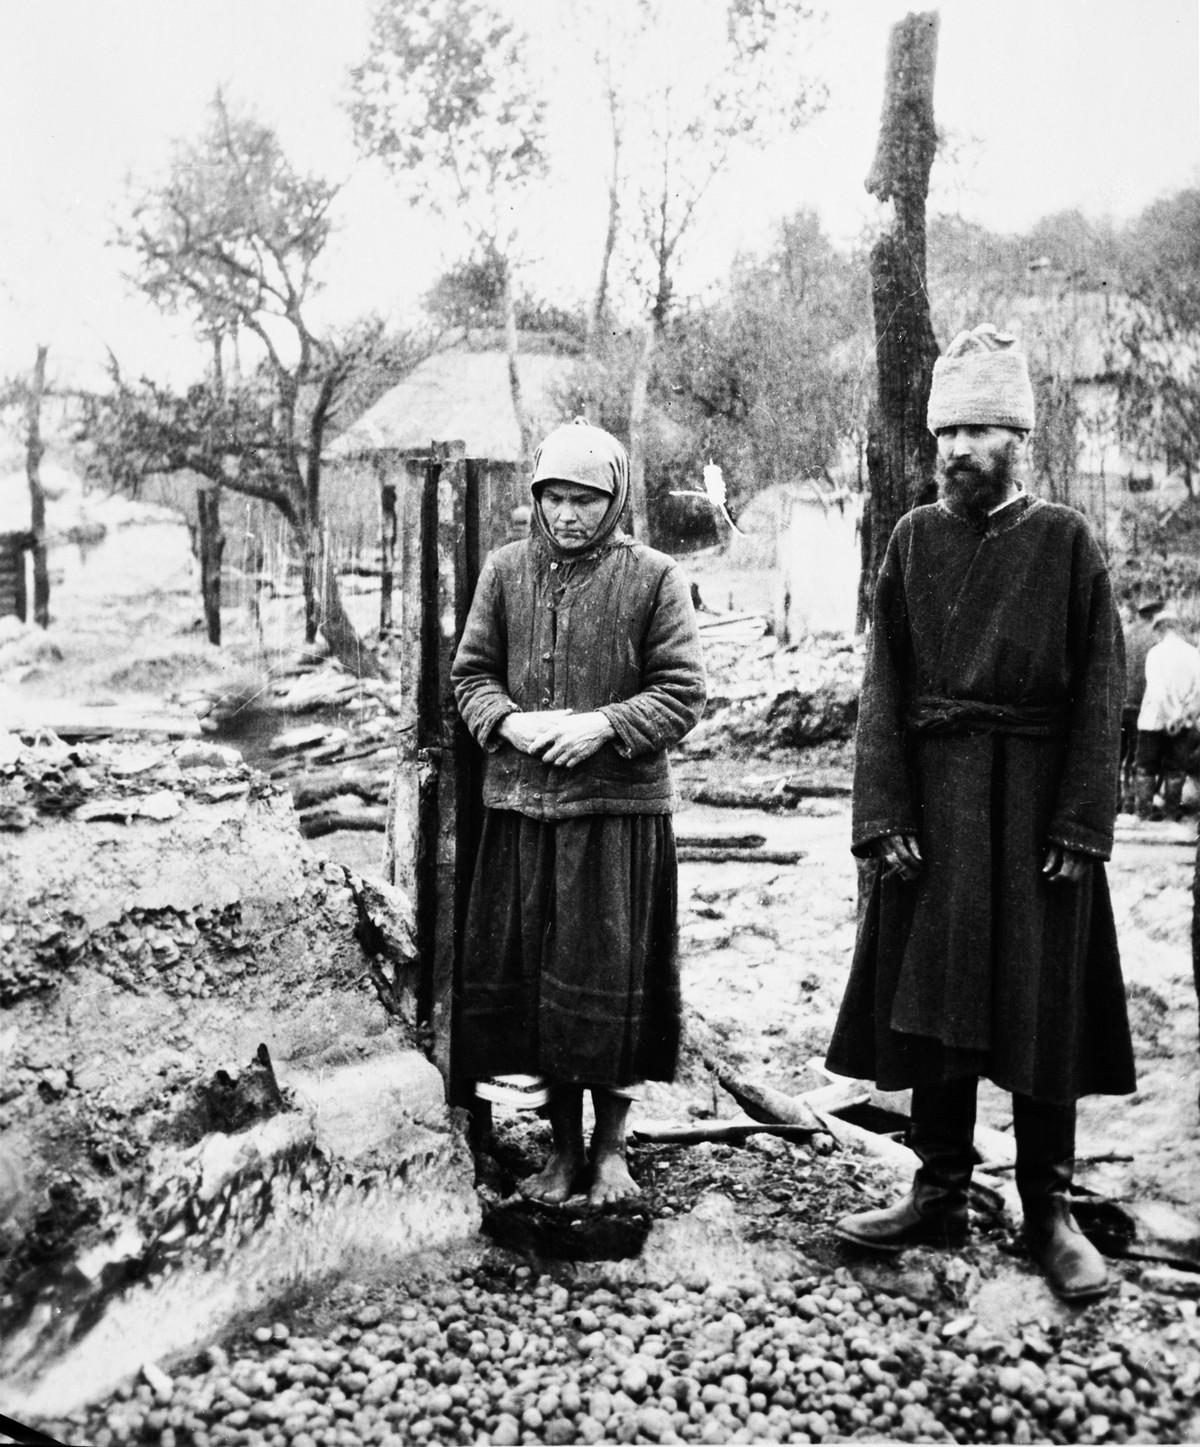 """Przywódcy Związku Radzieckiego uznali, że klęska głodu będzie doskonałym sposobem na rozprawę z opornymi ukraińskimi chłopami. Zdjęcie z książki """"Czerwony Głód""""."""